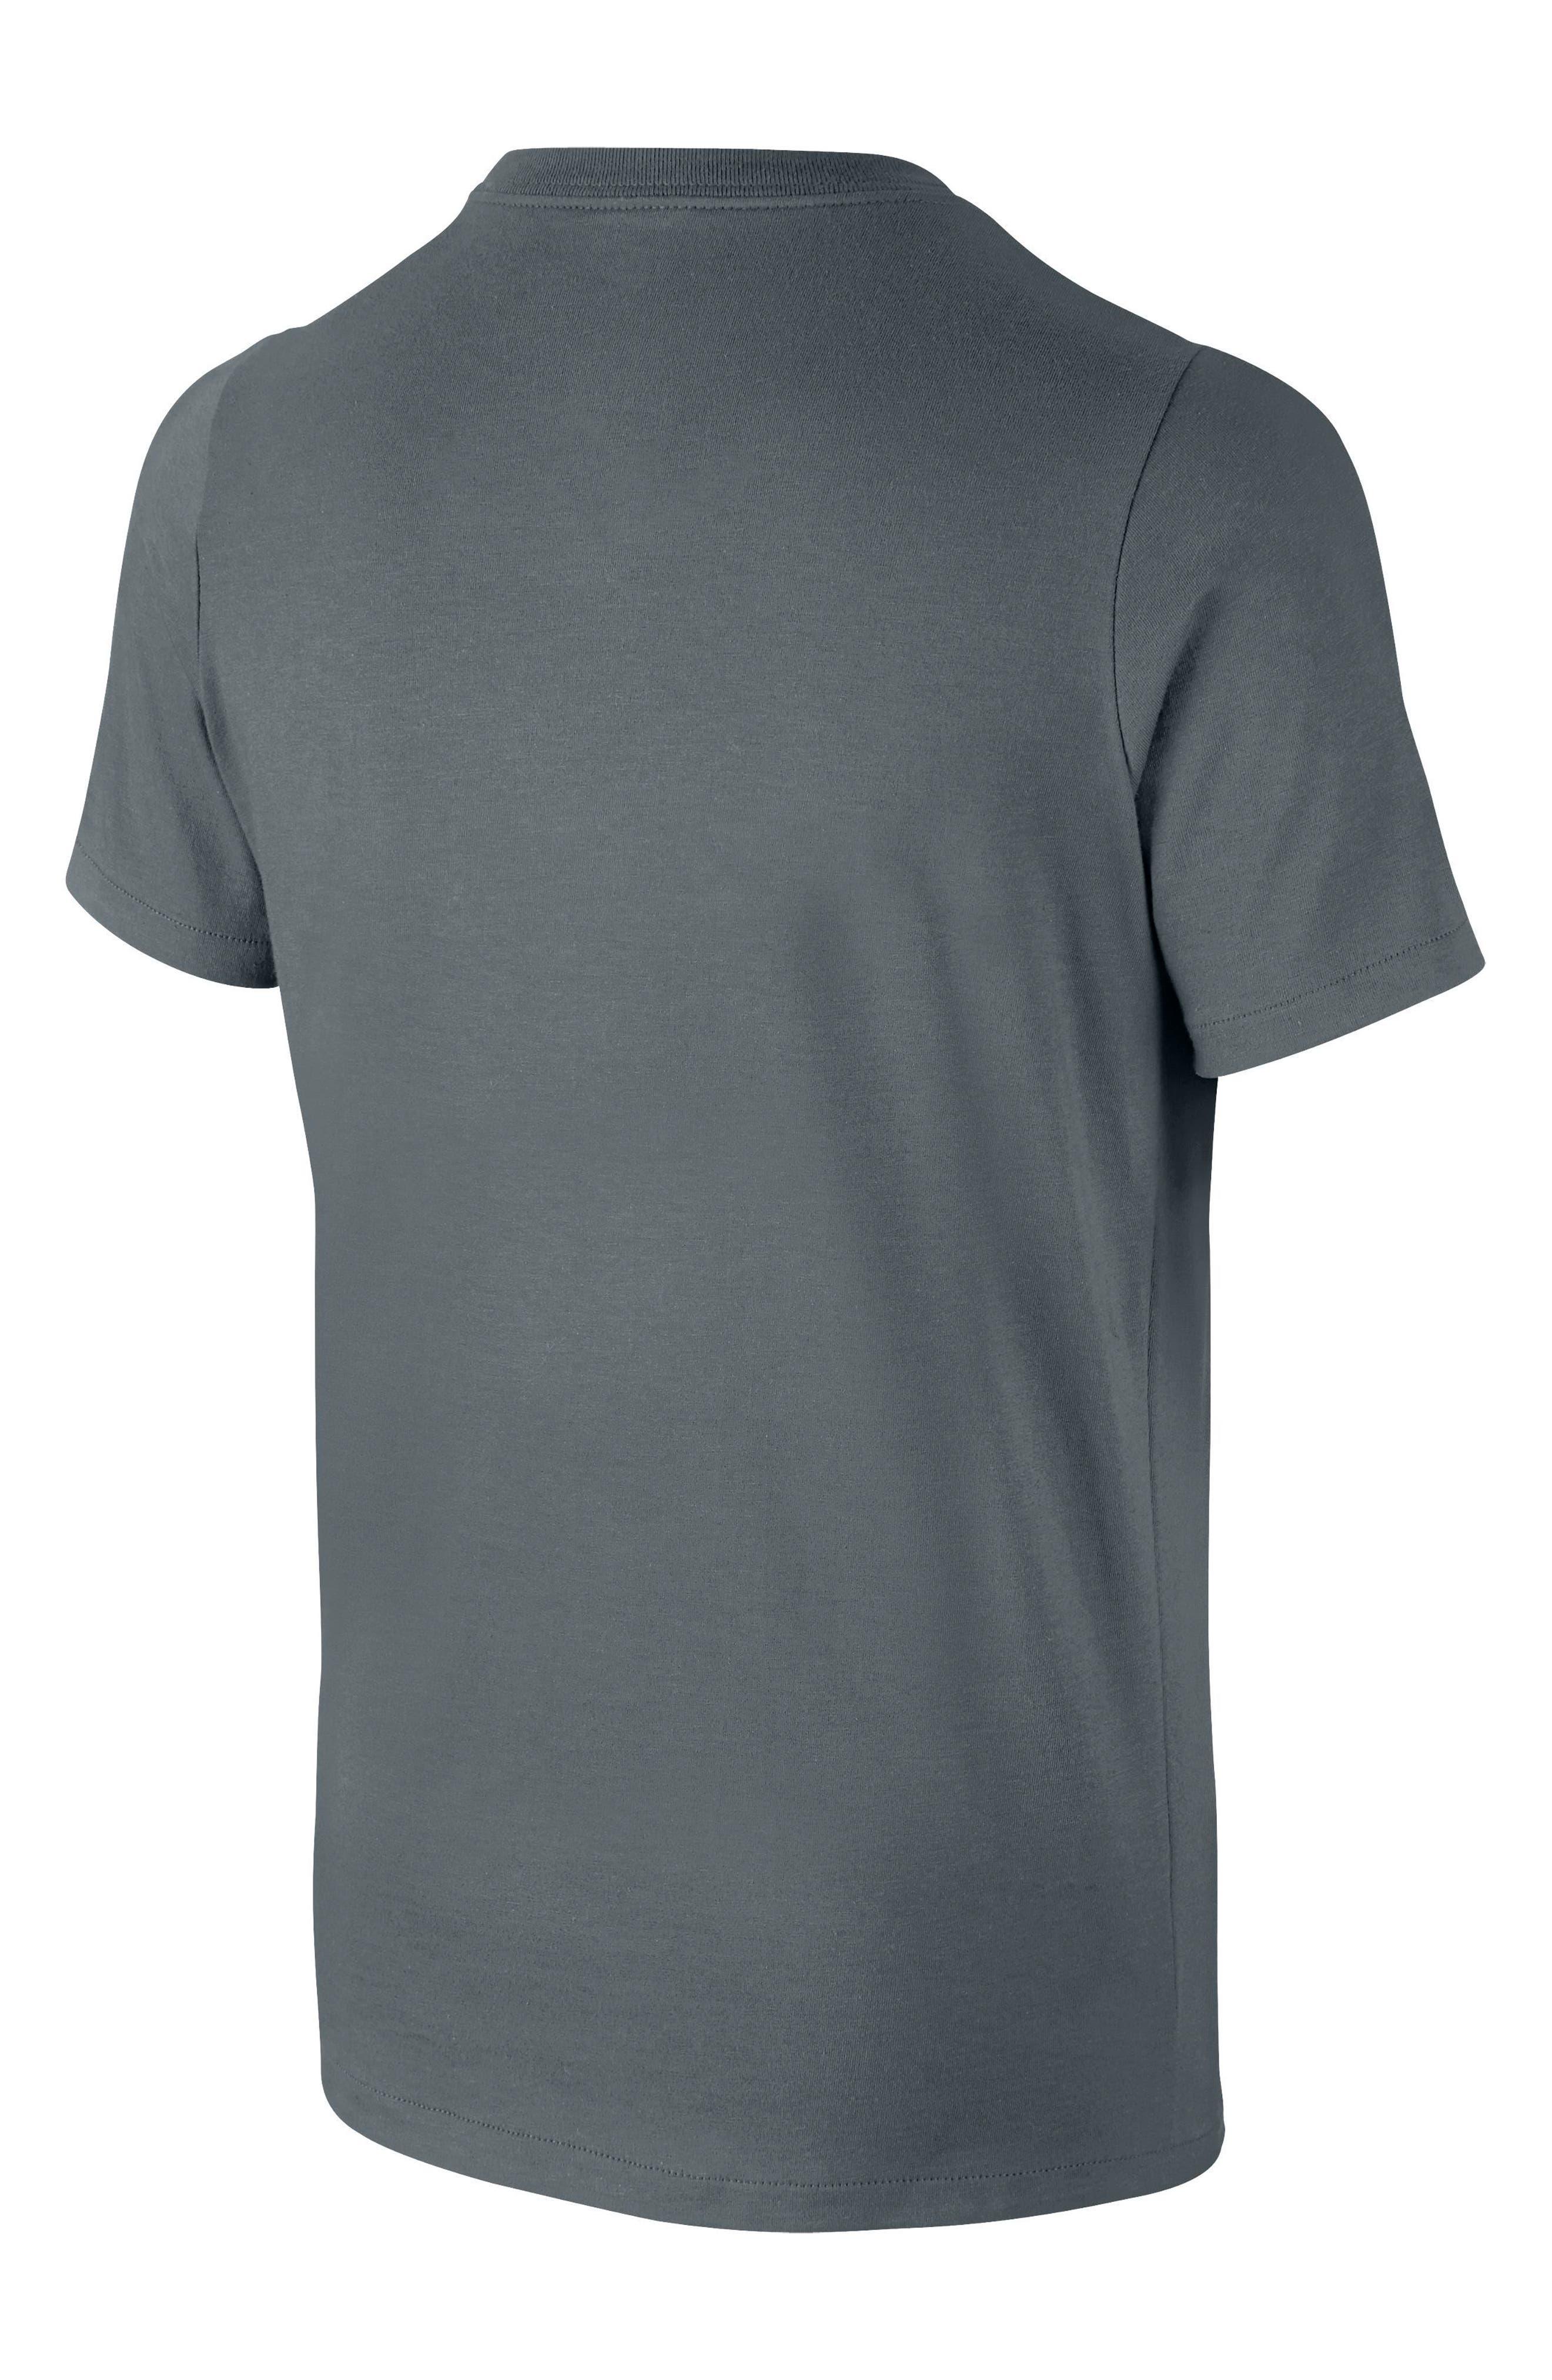 Just Do It Cotton T-Shirt,                         Main,                         color, 063